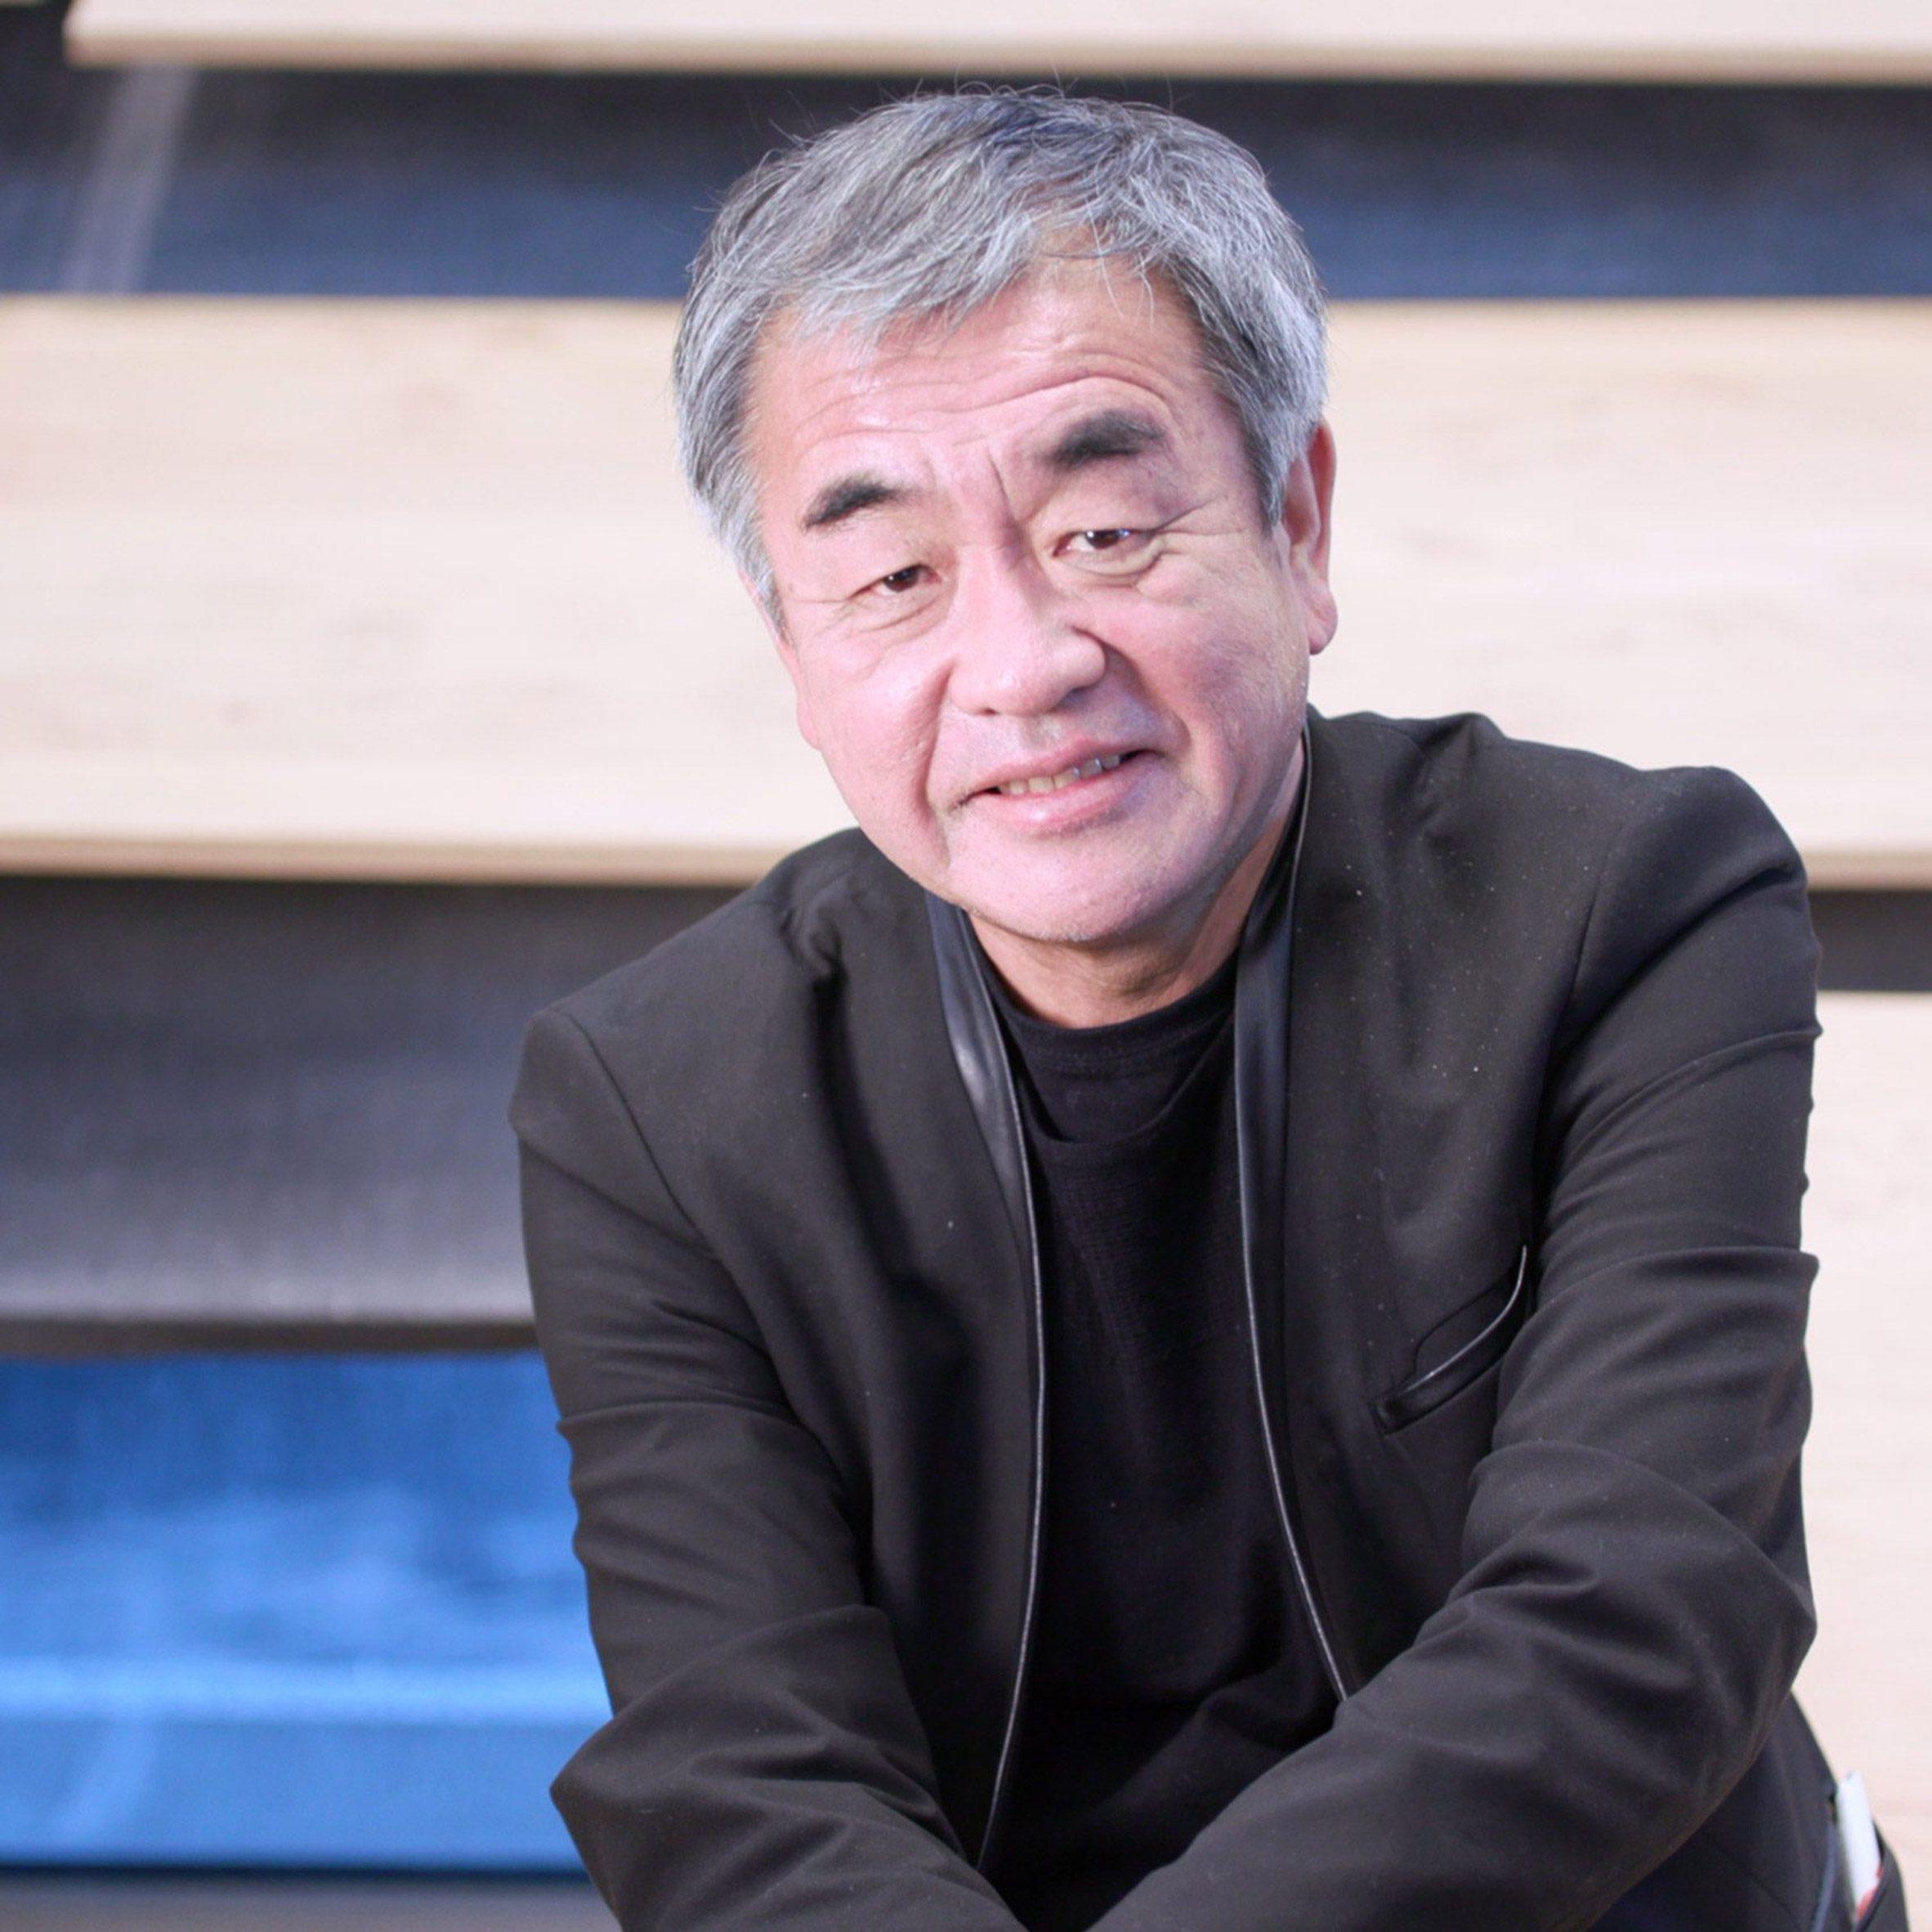 Architect Kengo Kuma